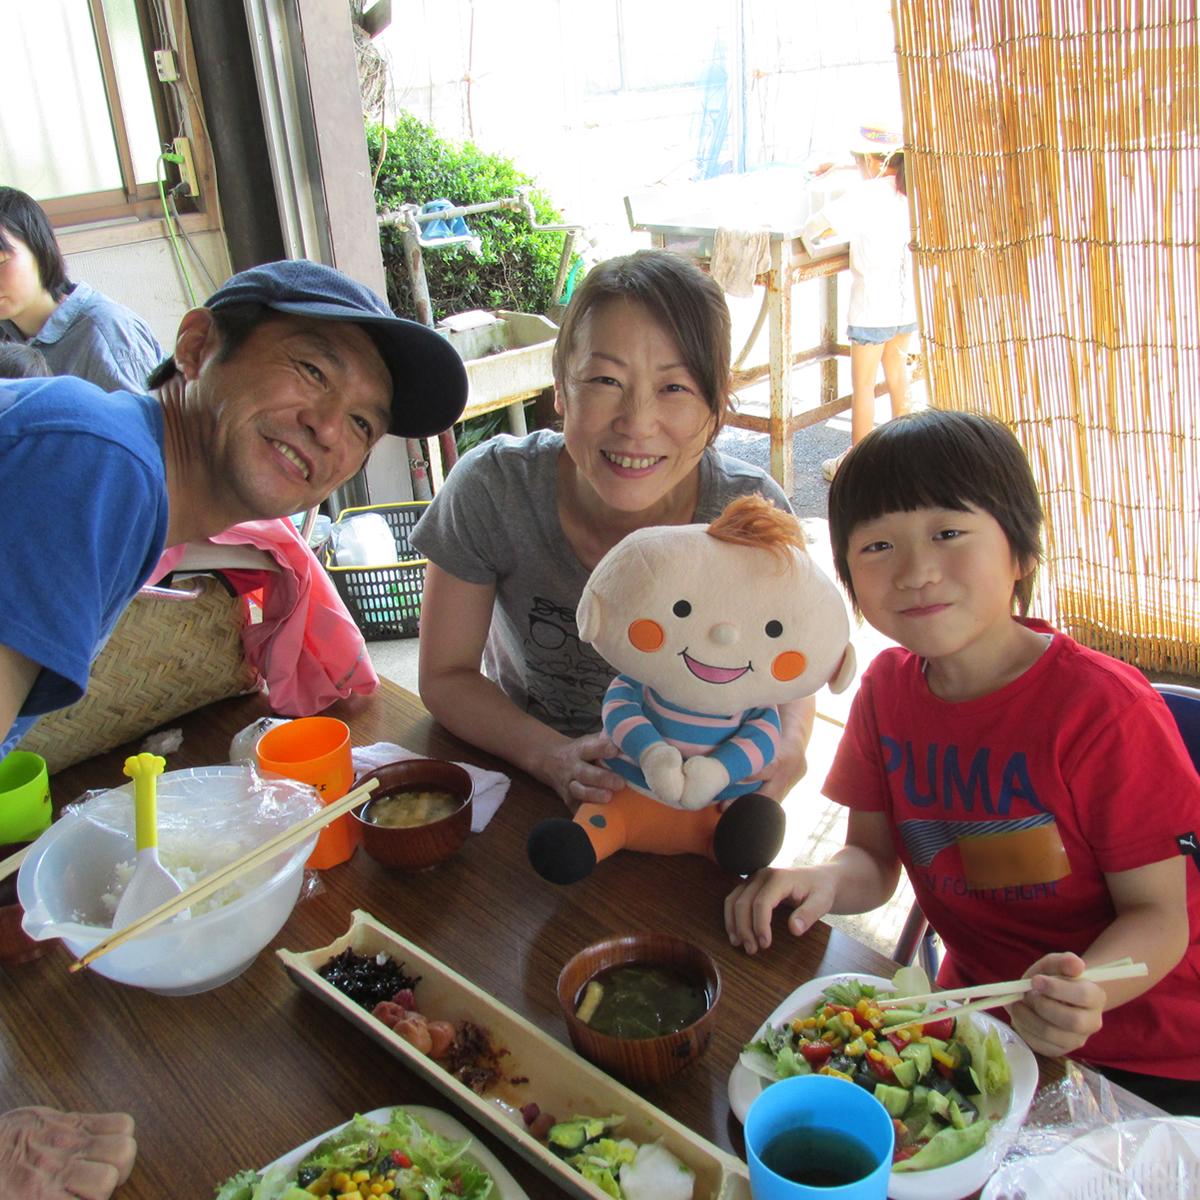 ほぺたん人形と一緒に家族で食事している写真